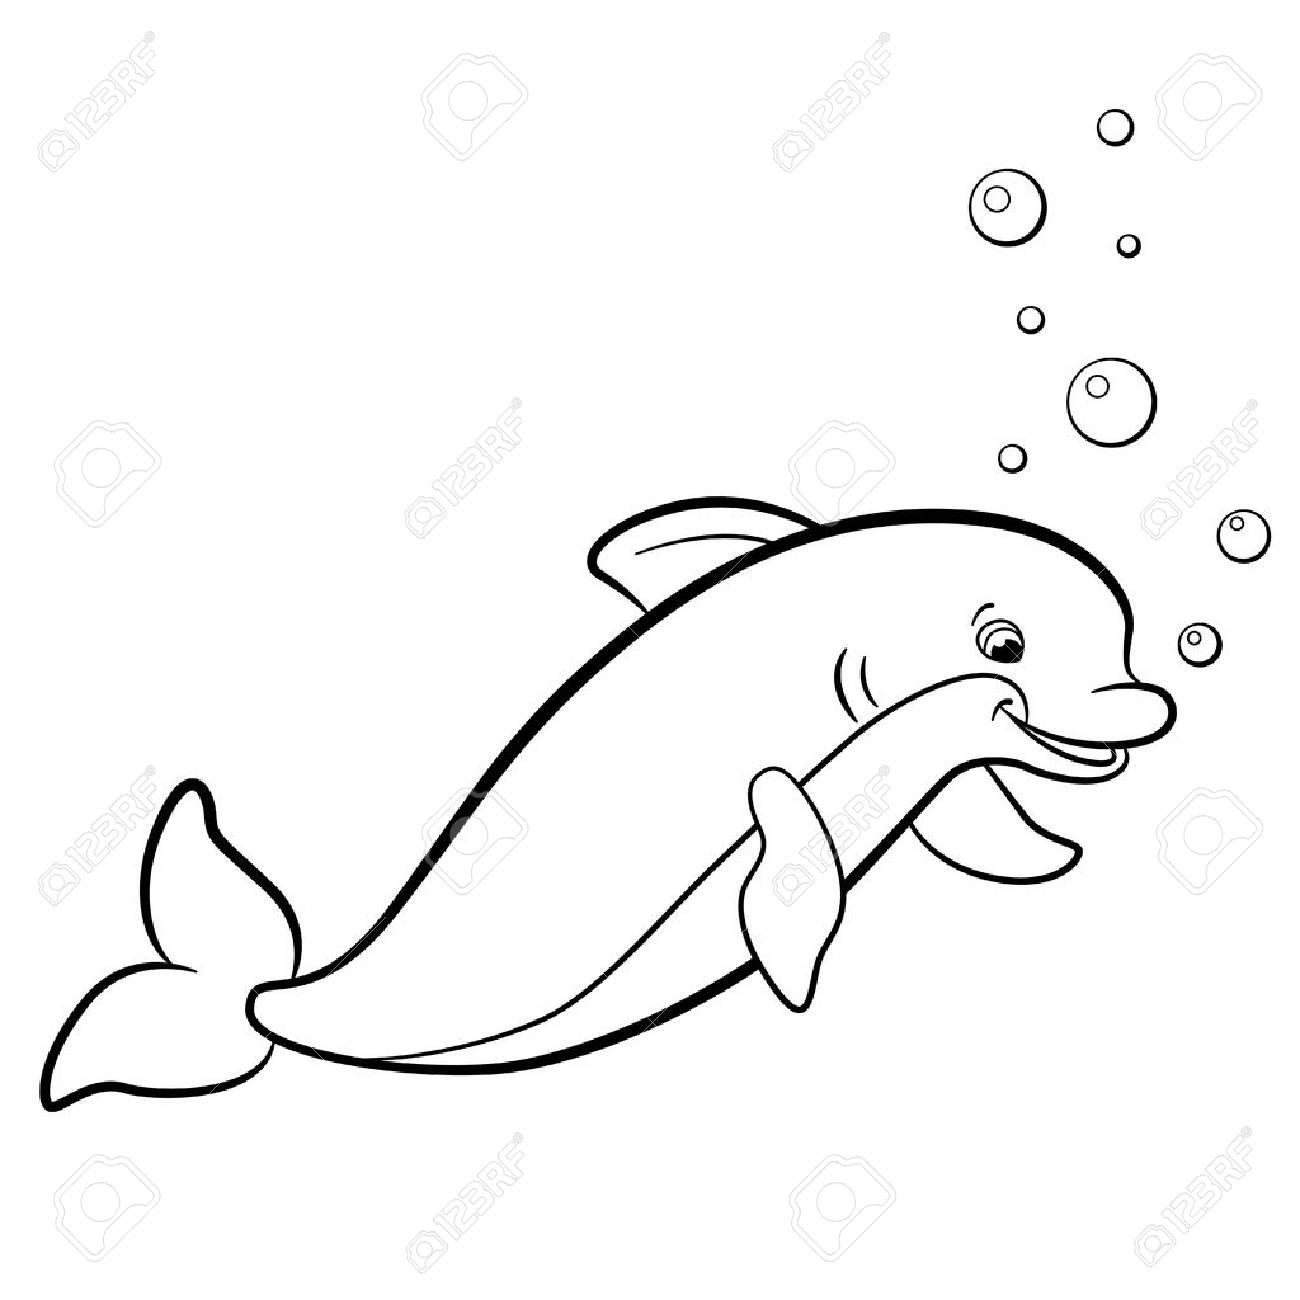 Malvorlagen. Marine-wilde Tiere. Netter Delphin lächelt.